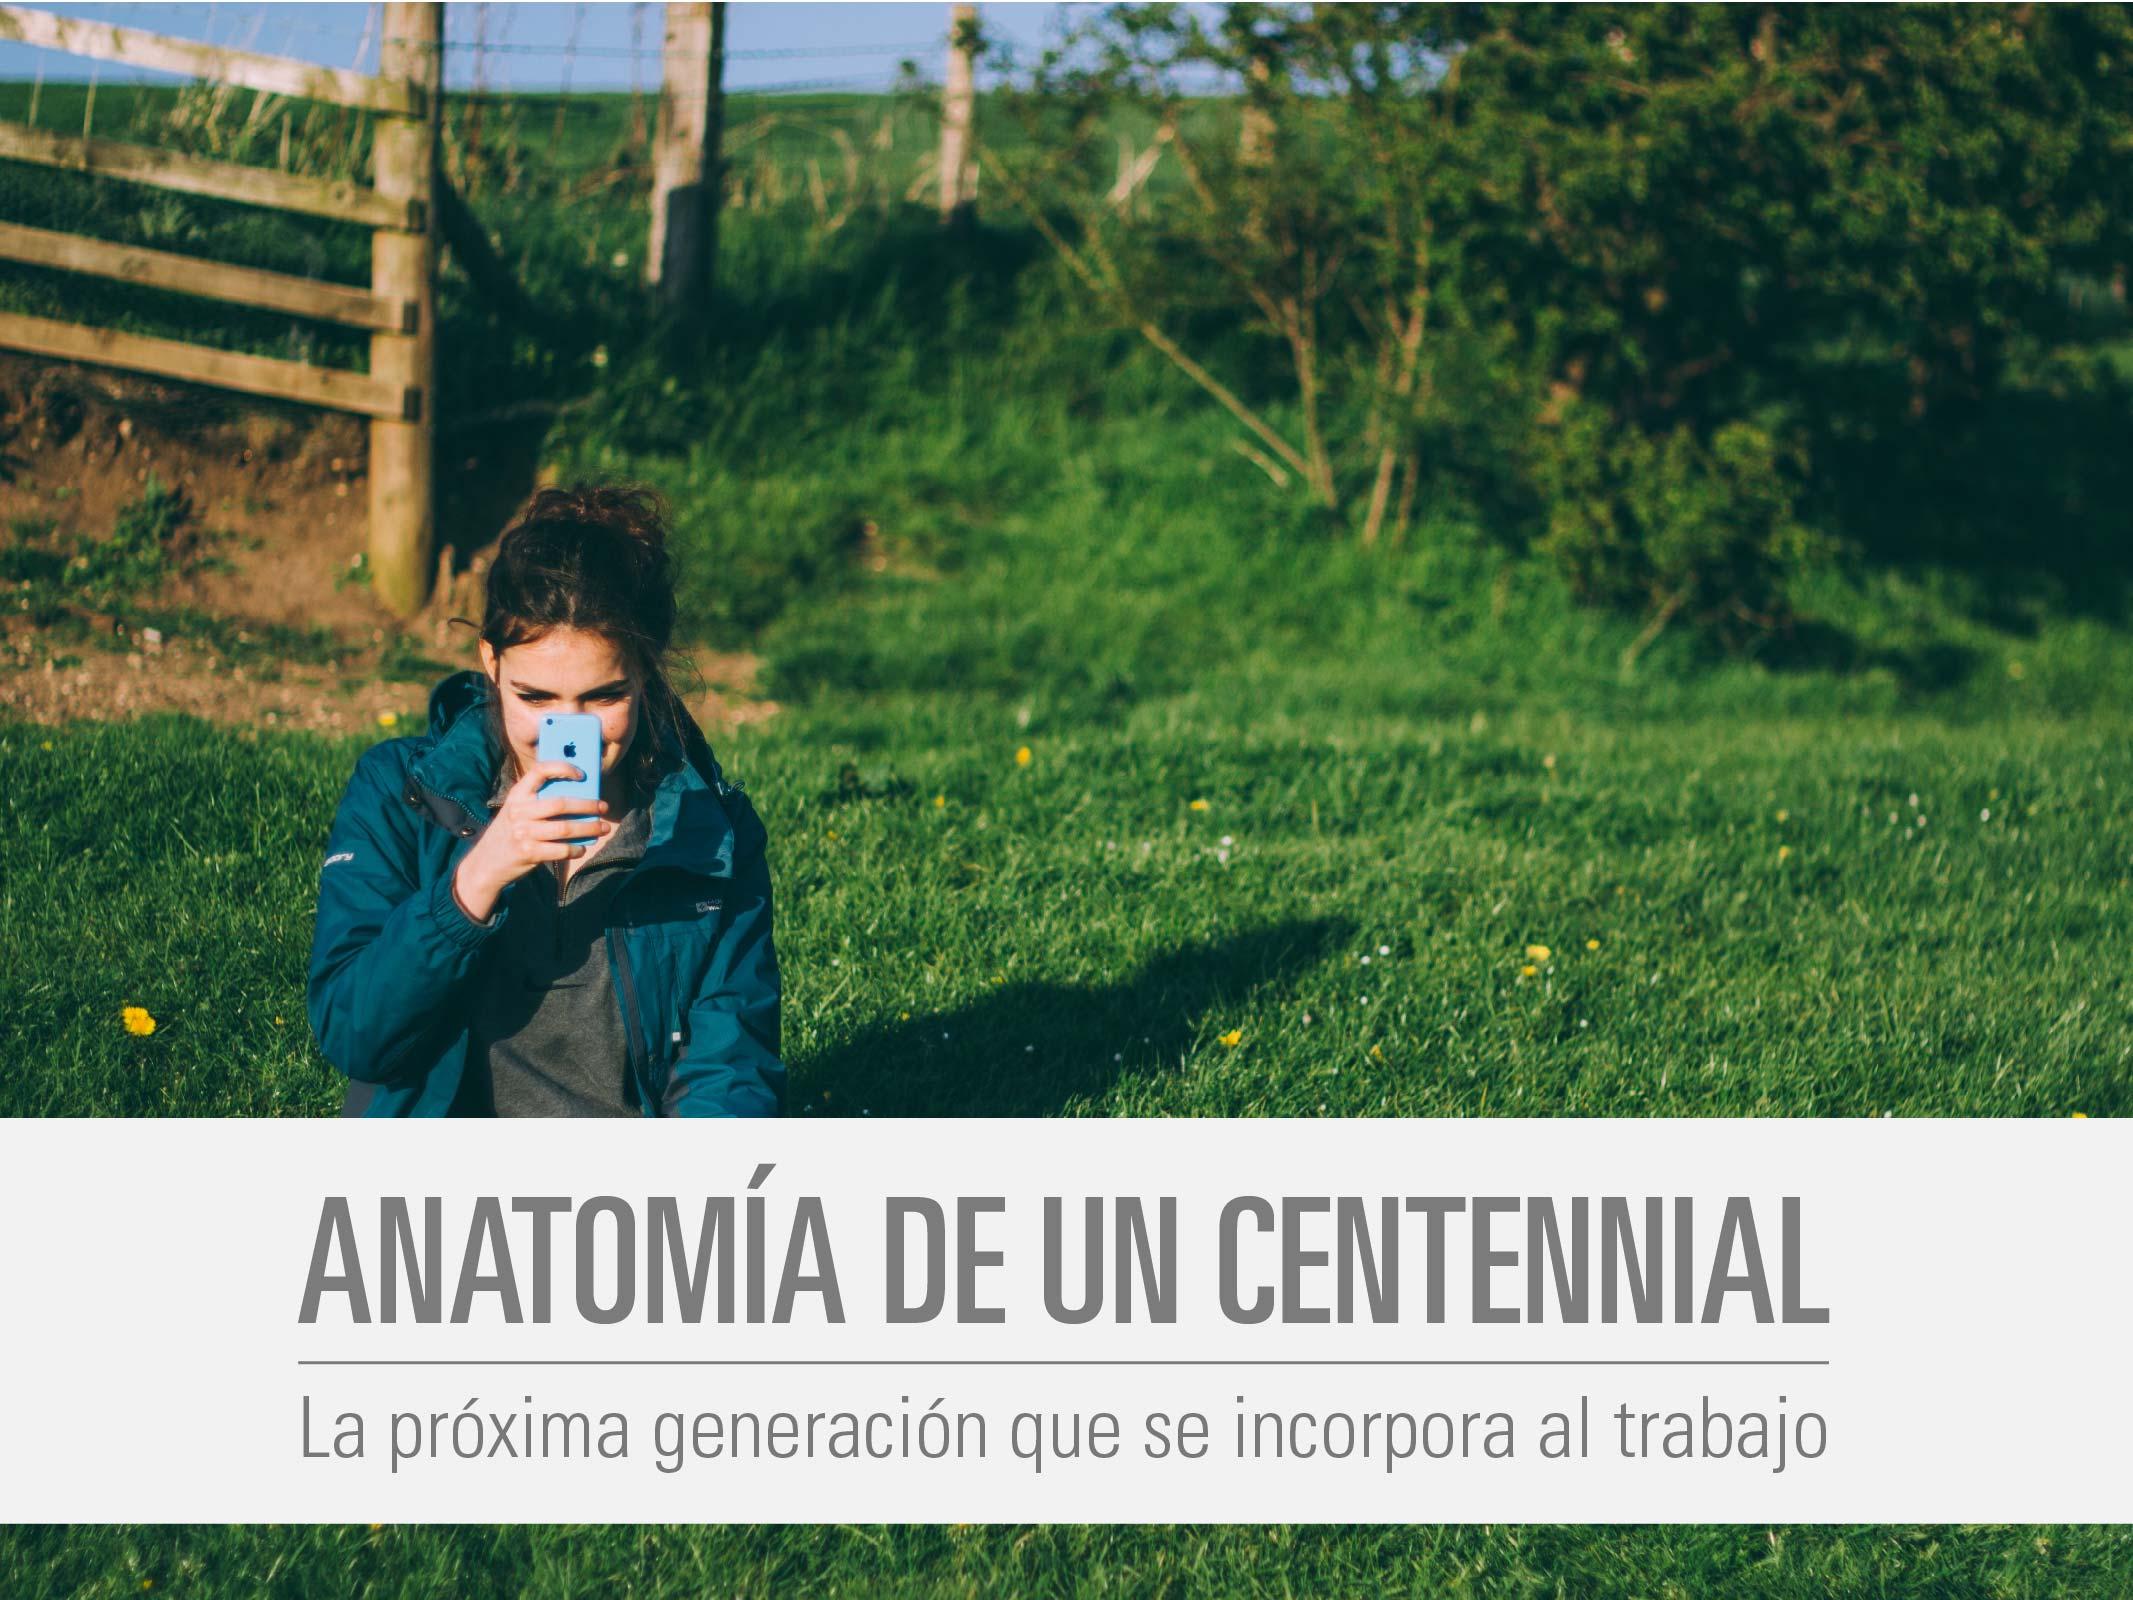 mhp-blog-anatomia-de-un-centennial